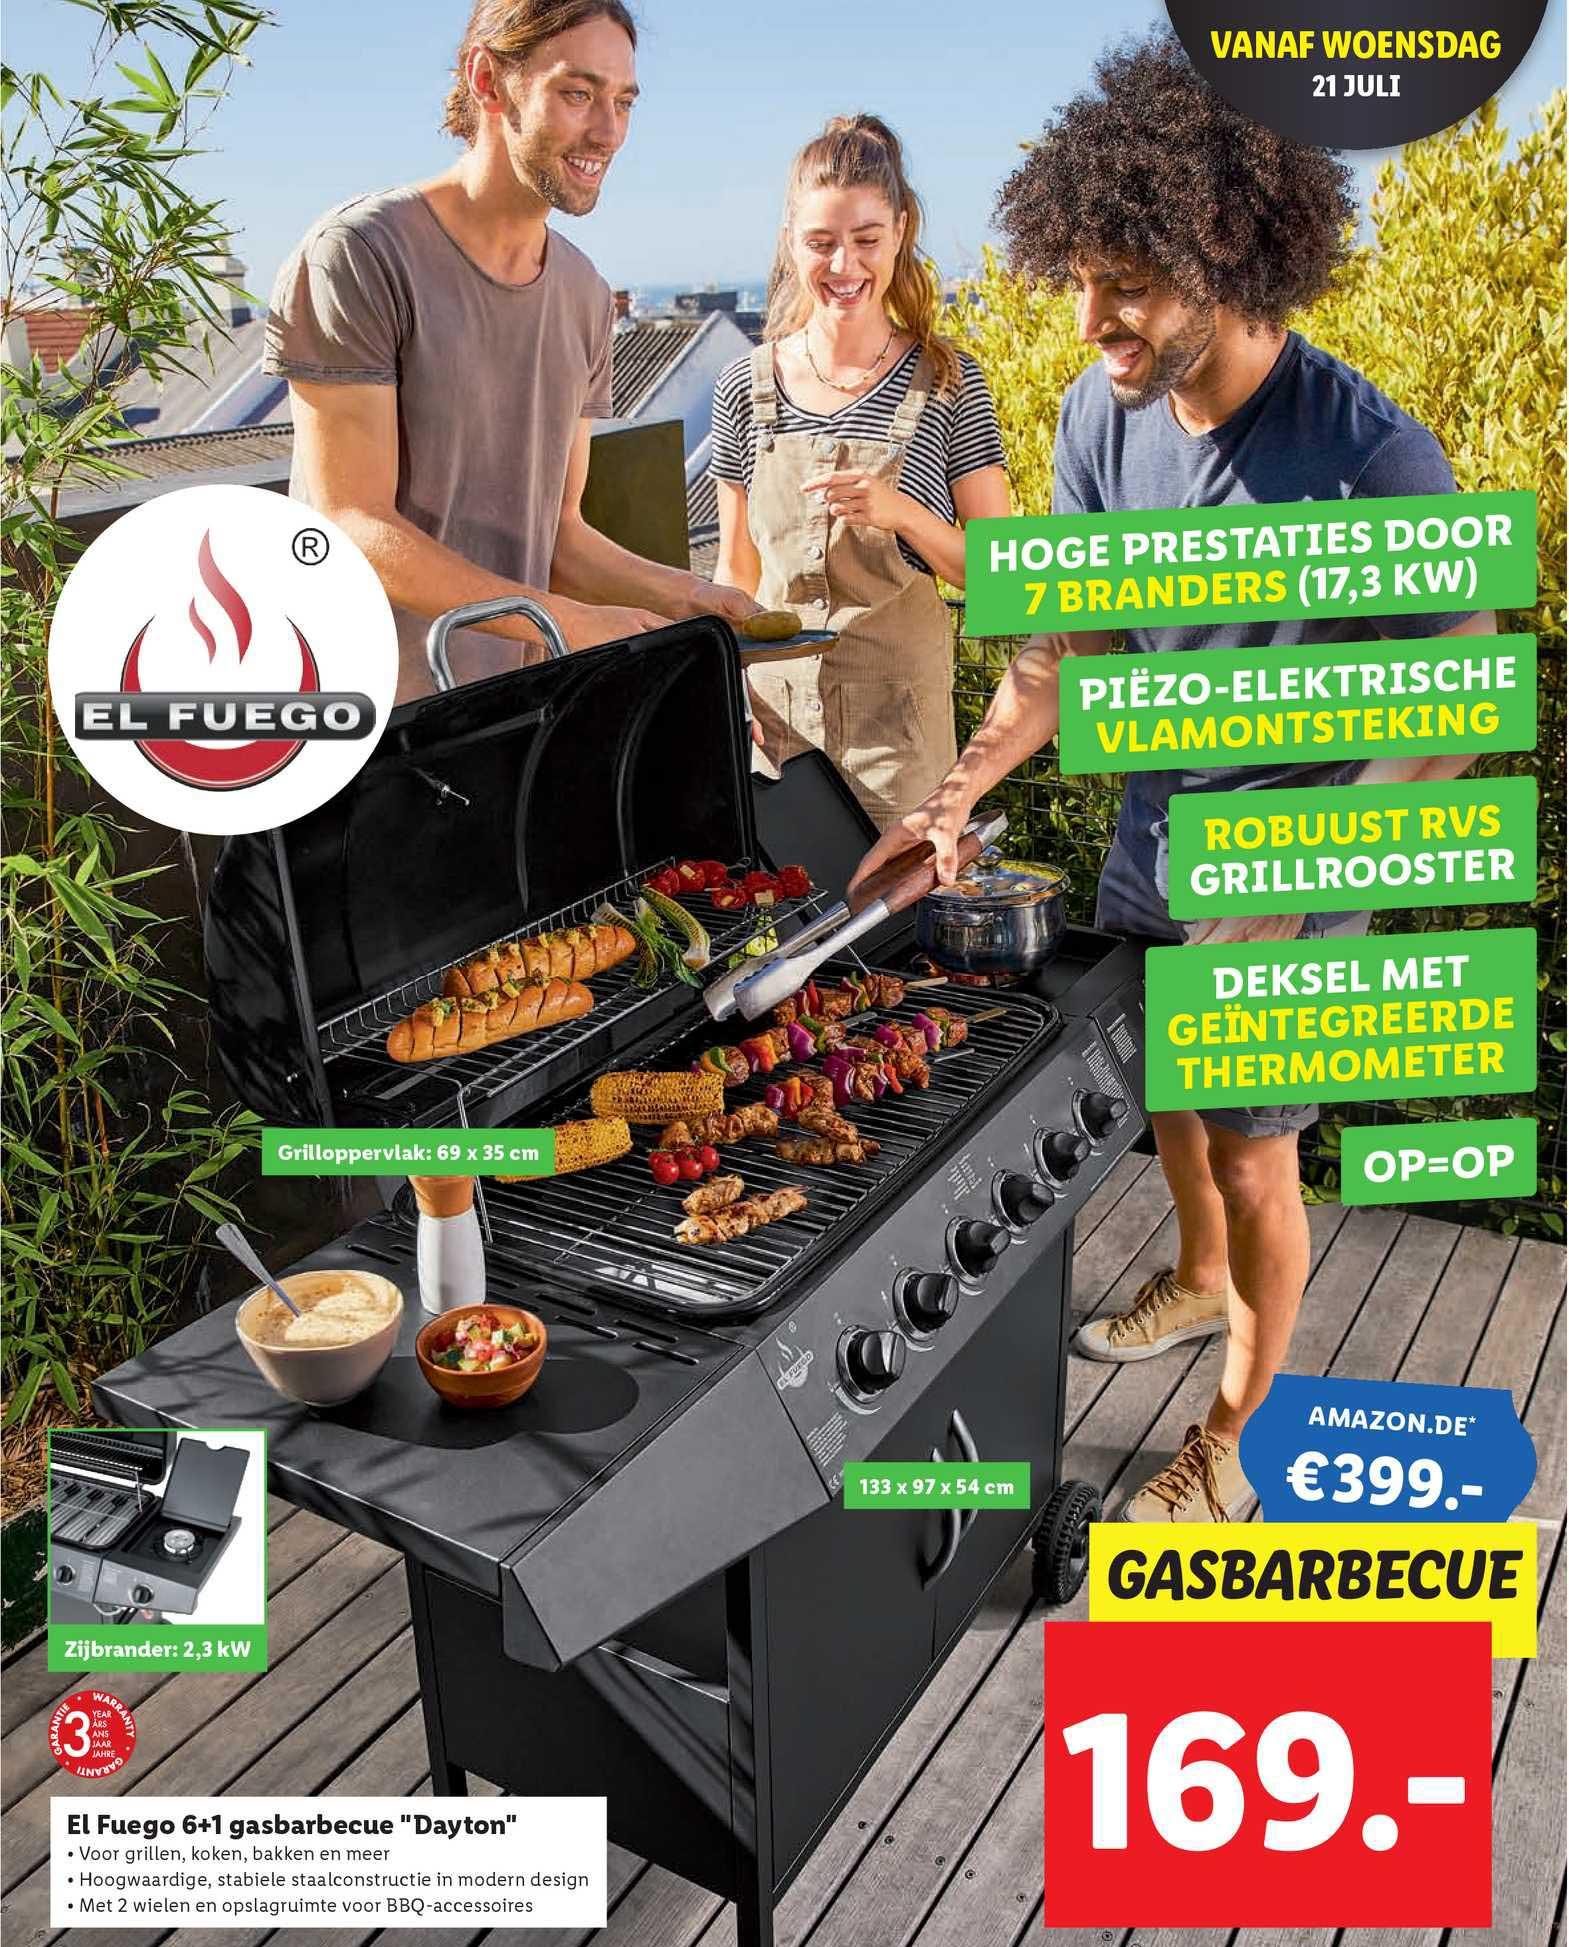 Lidl El Fuego 6+1 Gasbarbecue